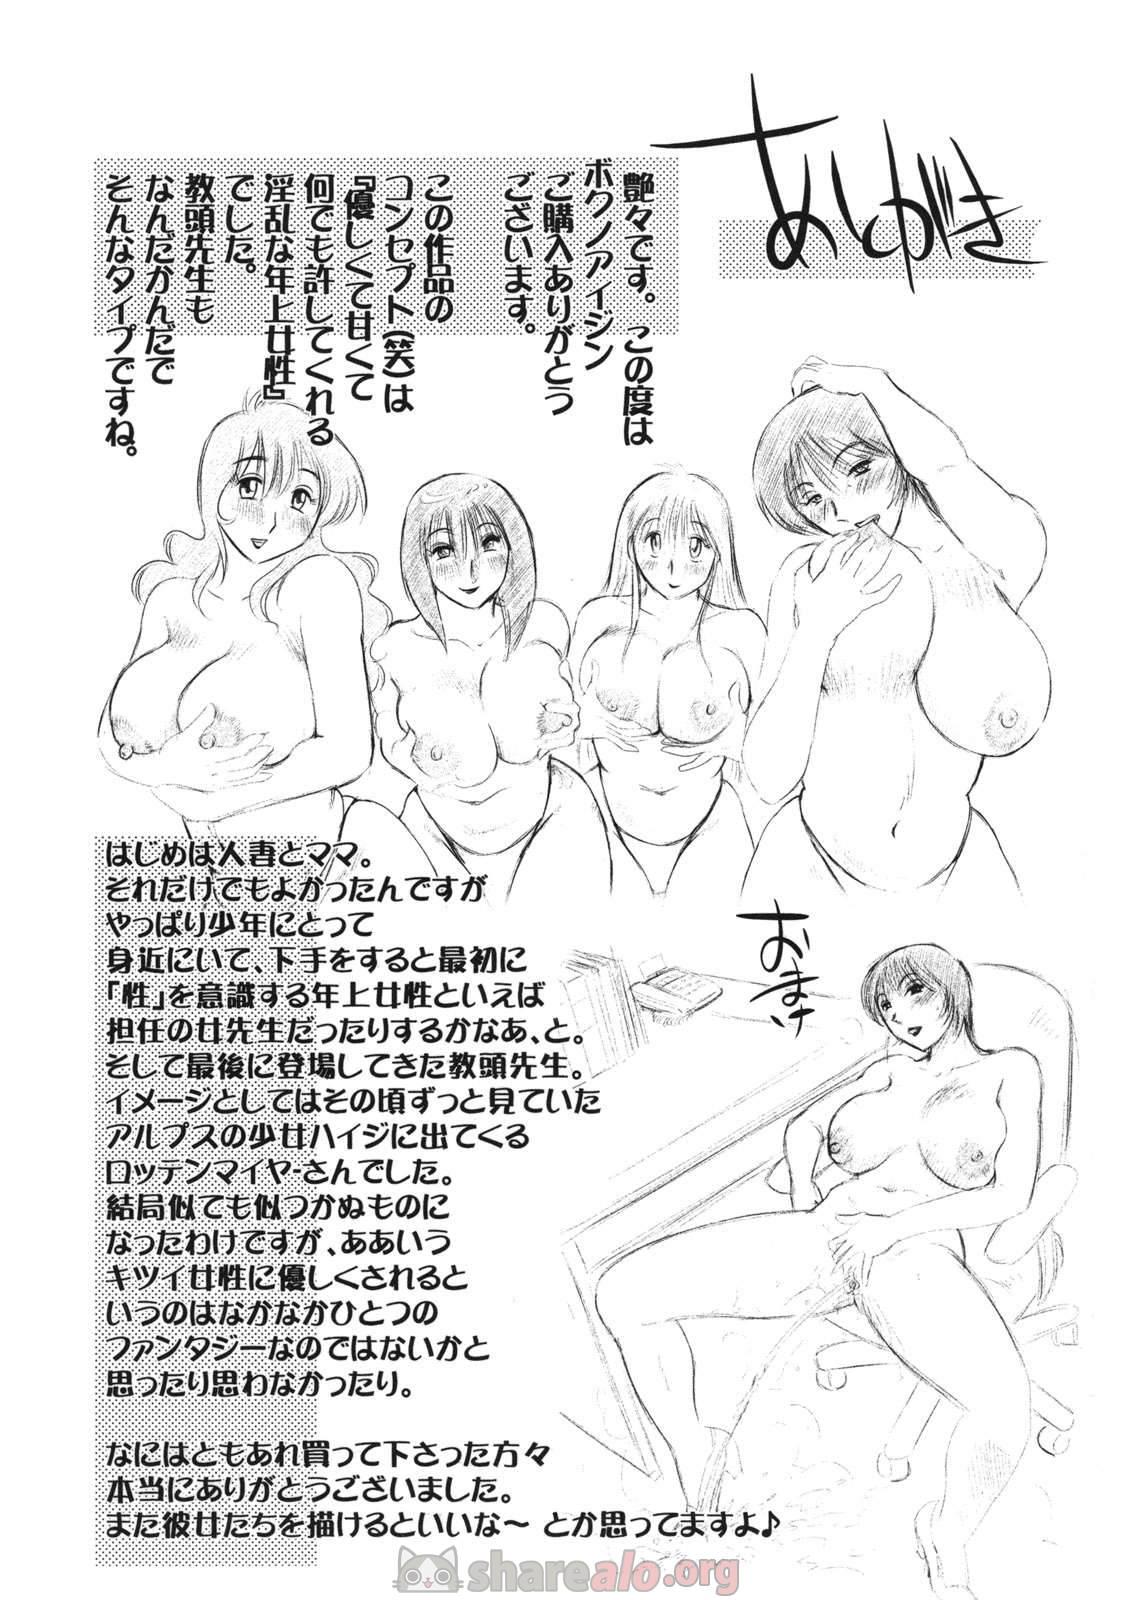 [ Boku no Aijin Manga Hentai de TsuyaTsuya ]: Comics Porno Manga Hentai [ oOzfIZgi ]